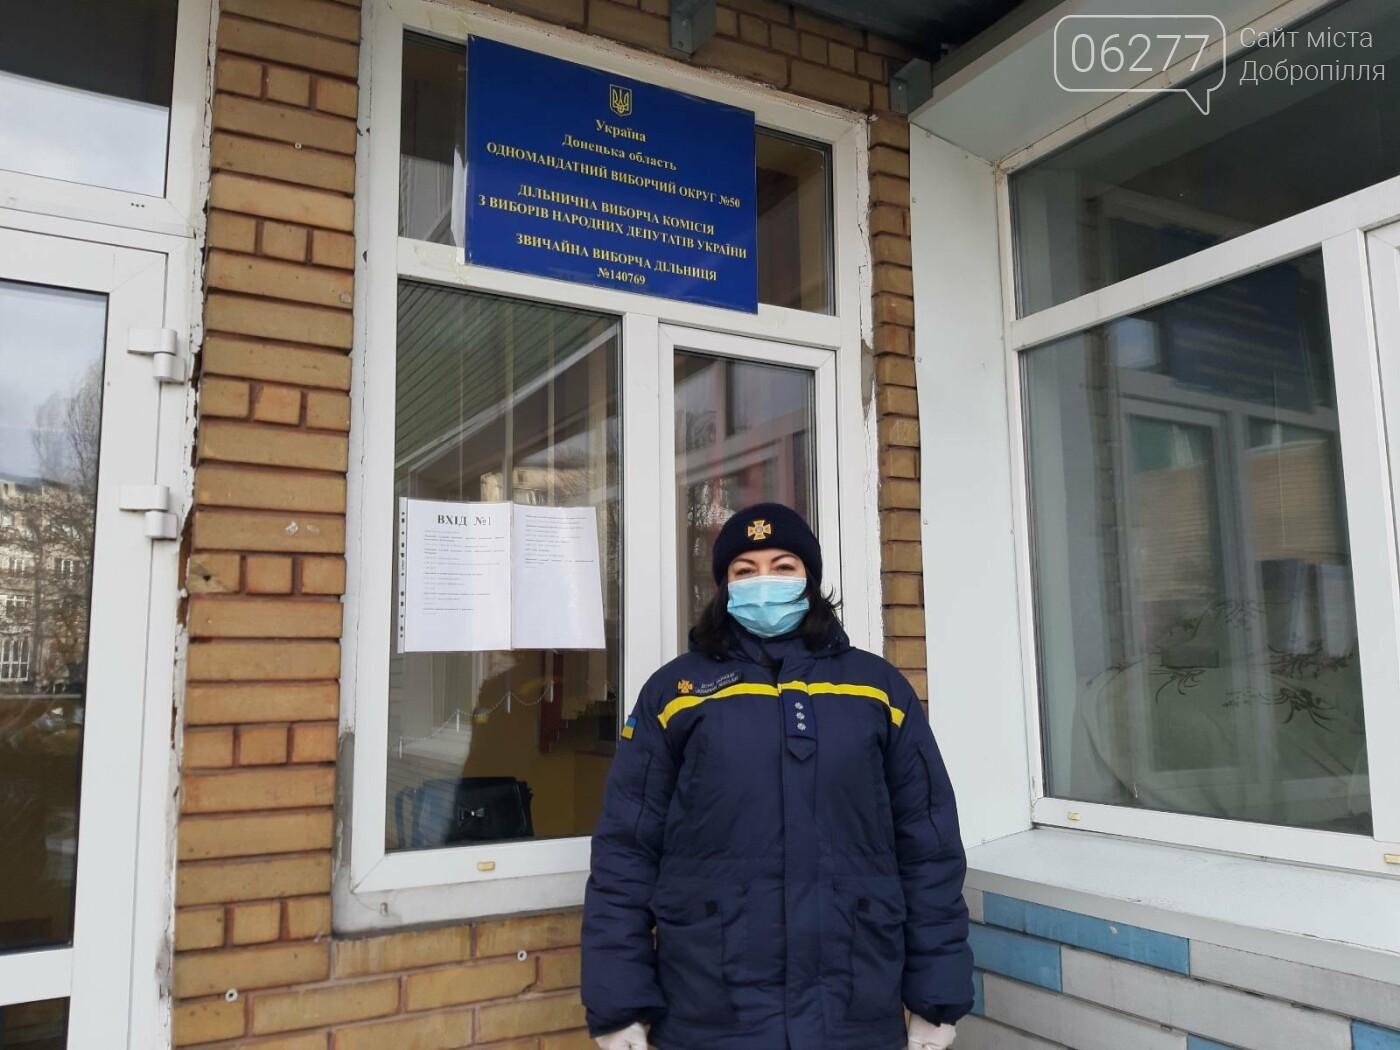 Рятувальники Добропільщини контролювали безпеку під час виборчого процесу, фото-2